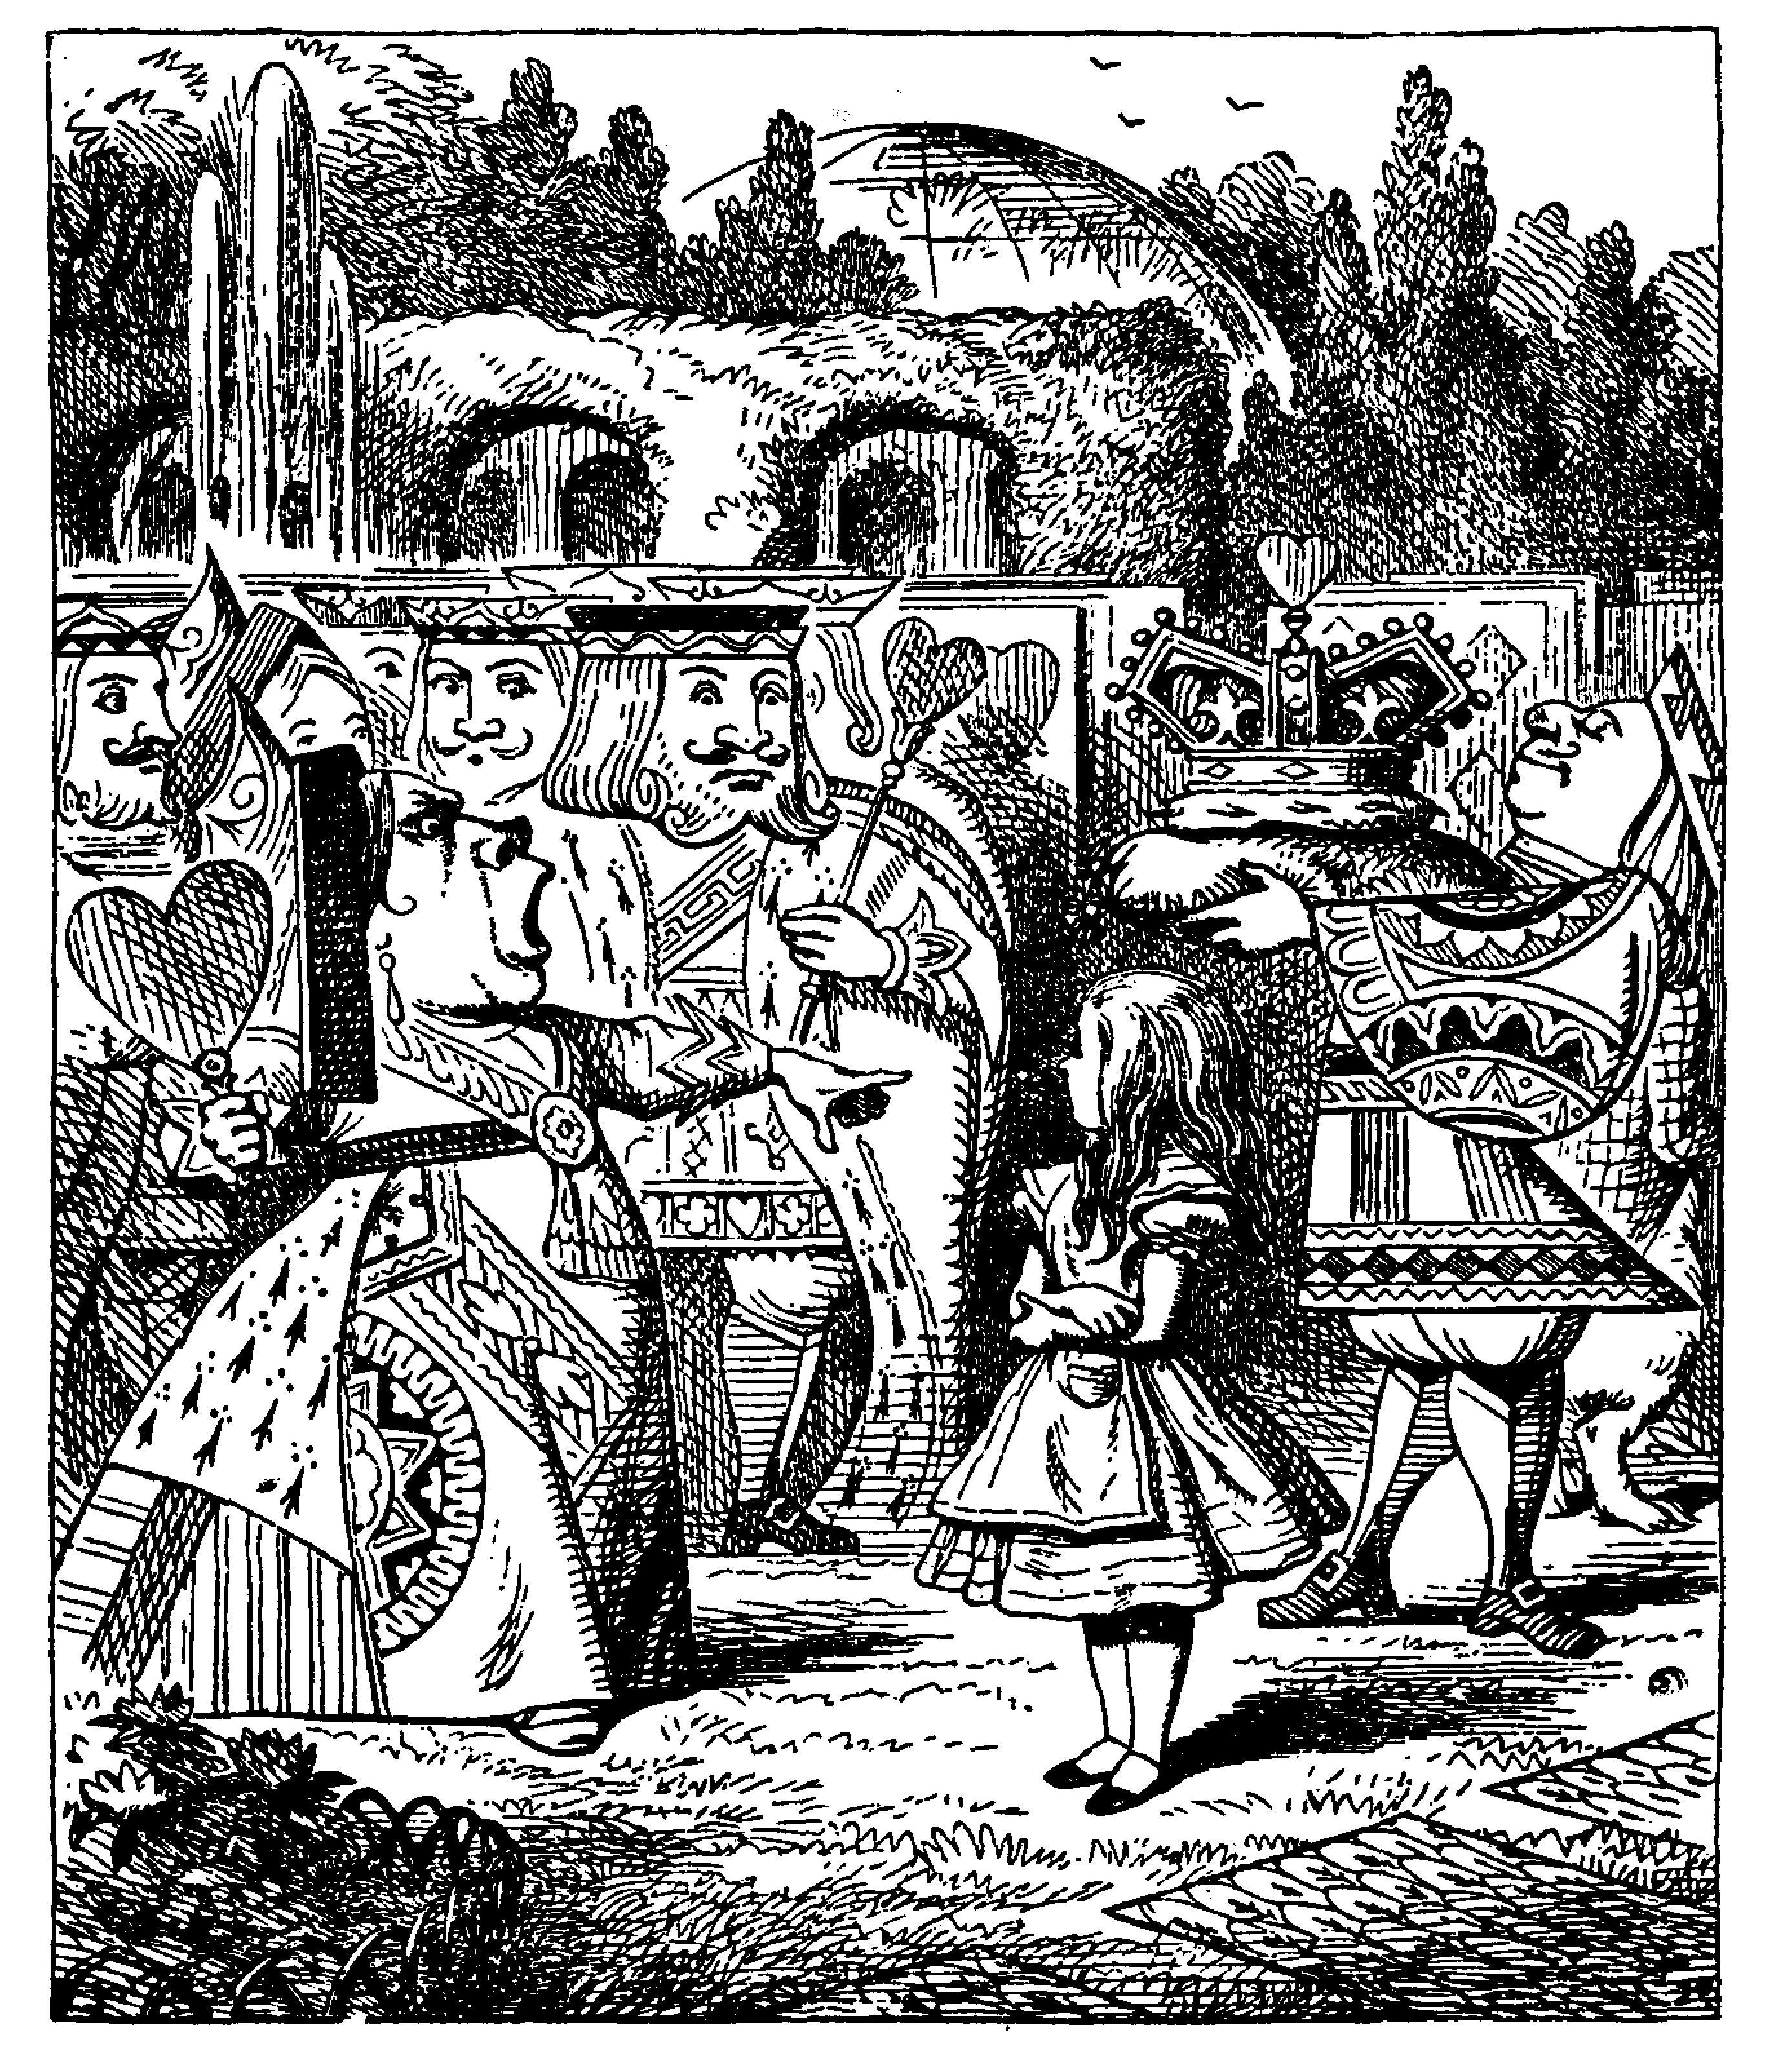 queen of hearts, alice in wonderland, John Tenniel, off with her head